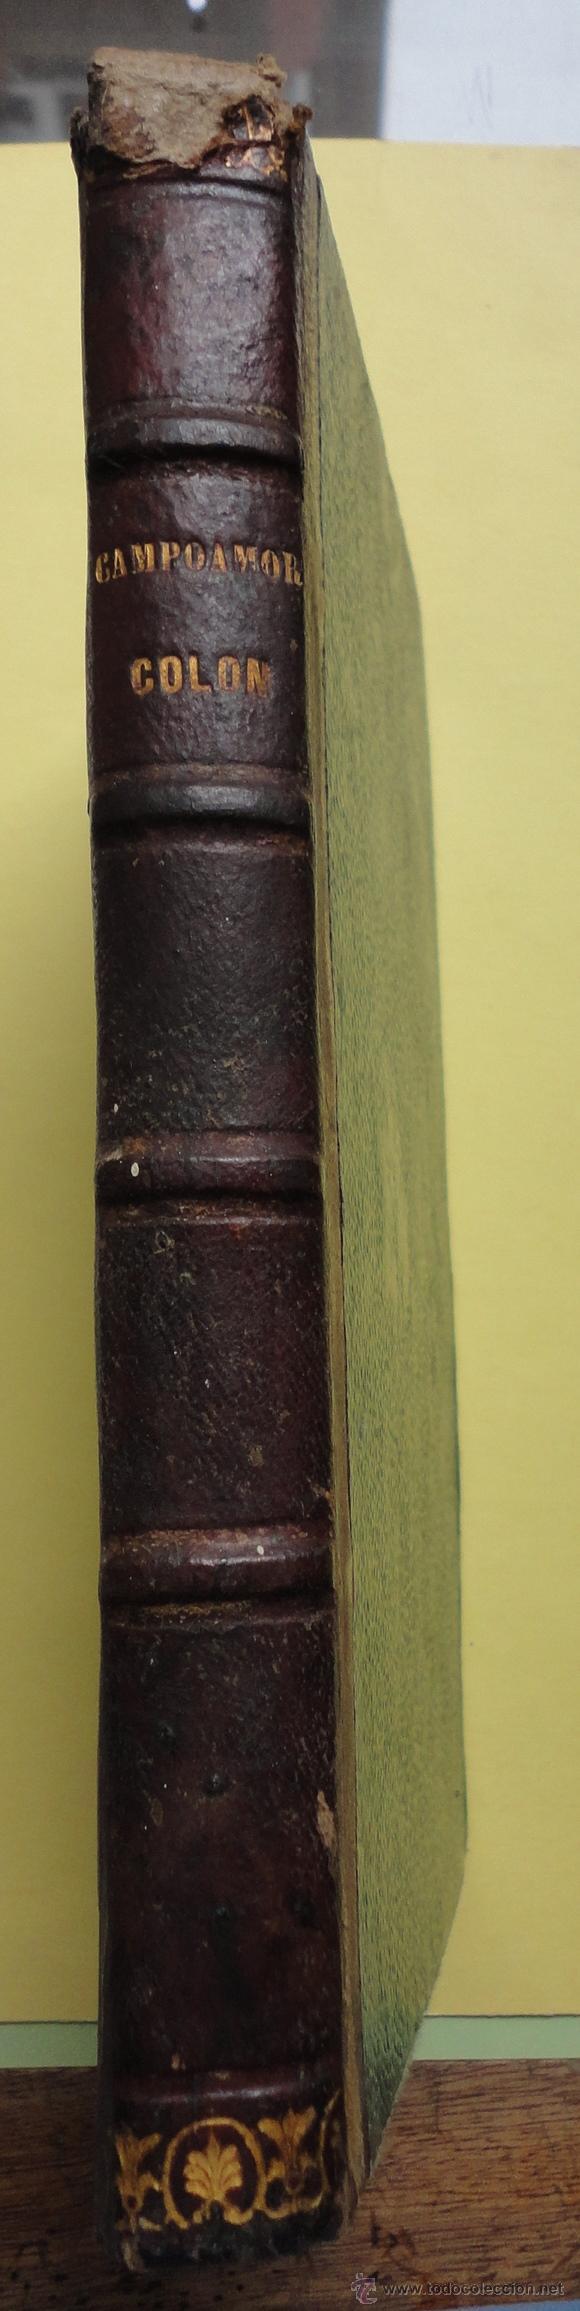 Libros antiguos: COLÓN. POEMA POR DON RAMÓN DE CAMPOAMOR. VALENCIA 1853 - Foto 4 - 44014231